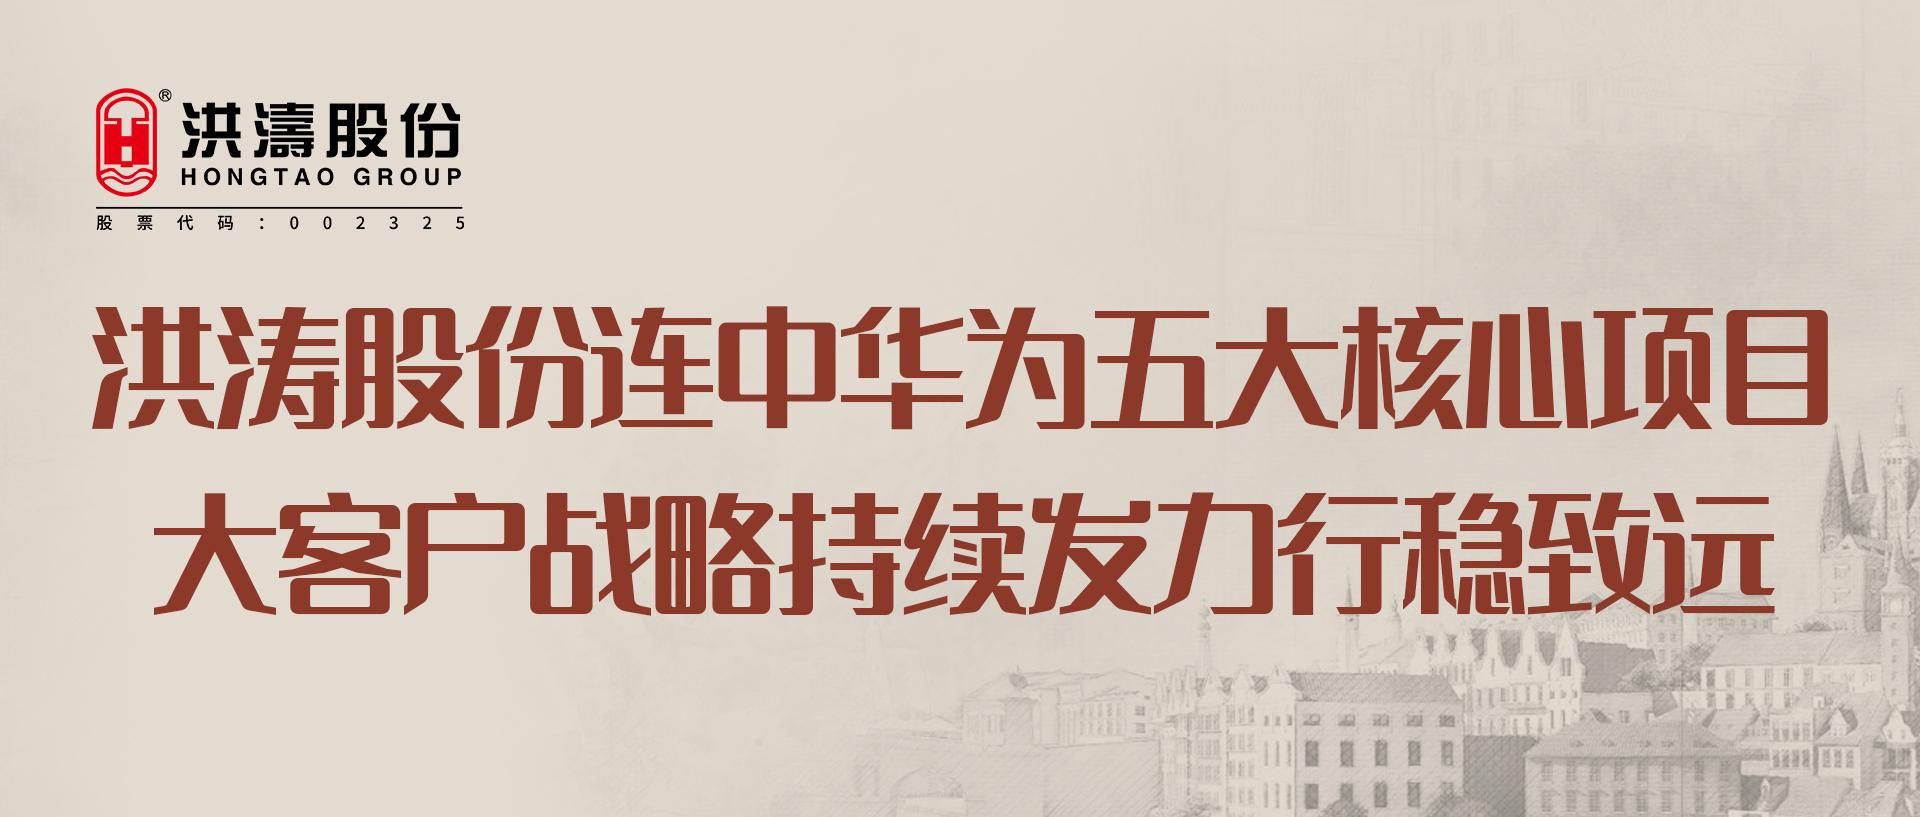 喜讯 | 竞博体育娱乐-jbo电竞官网-竞博官网app连中华为五大核心项目,大客户战略持续发力行稳致远